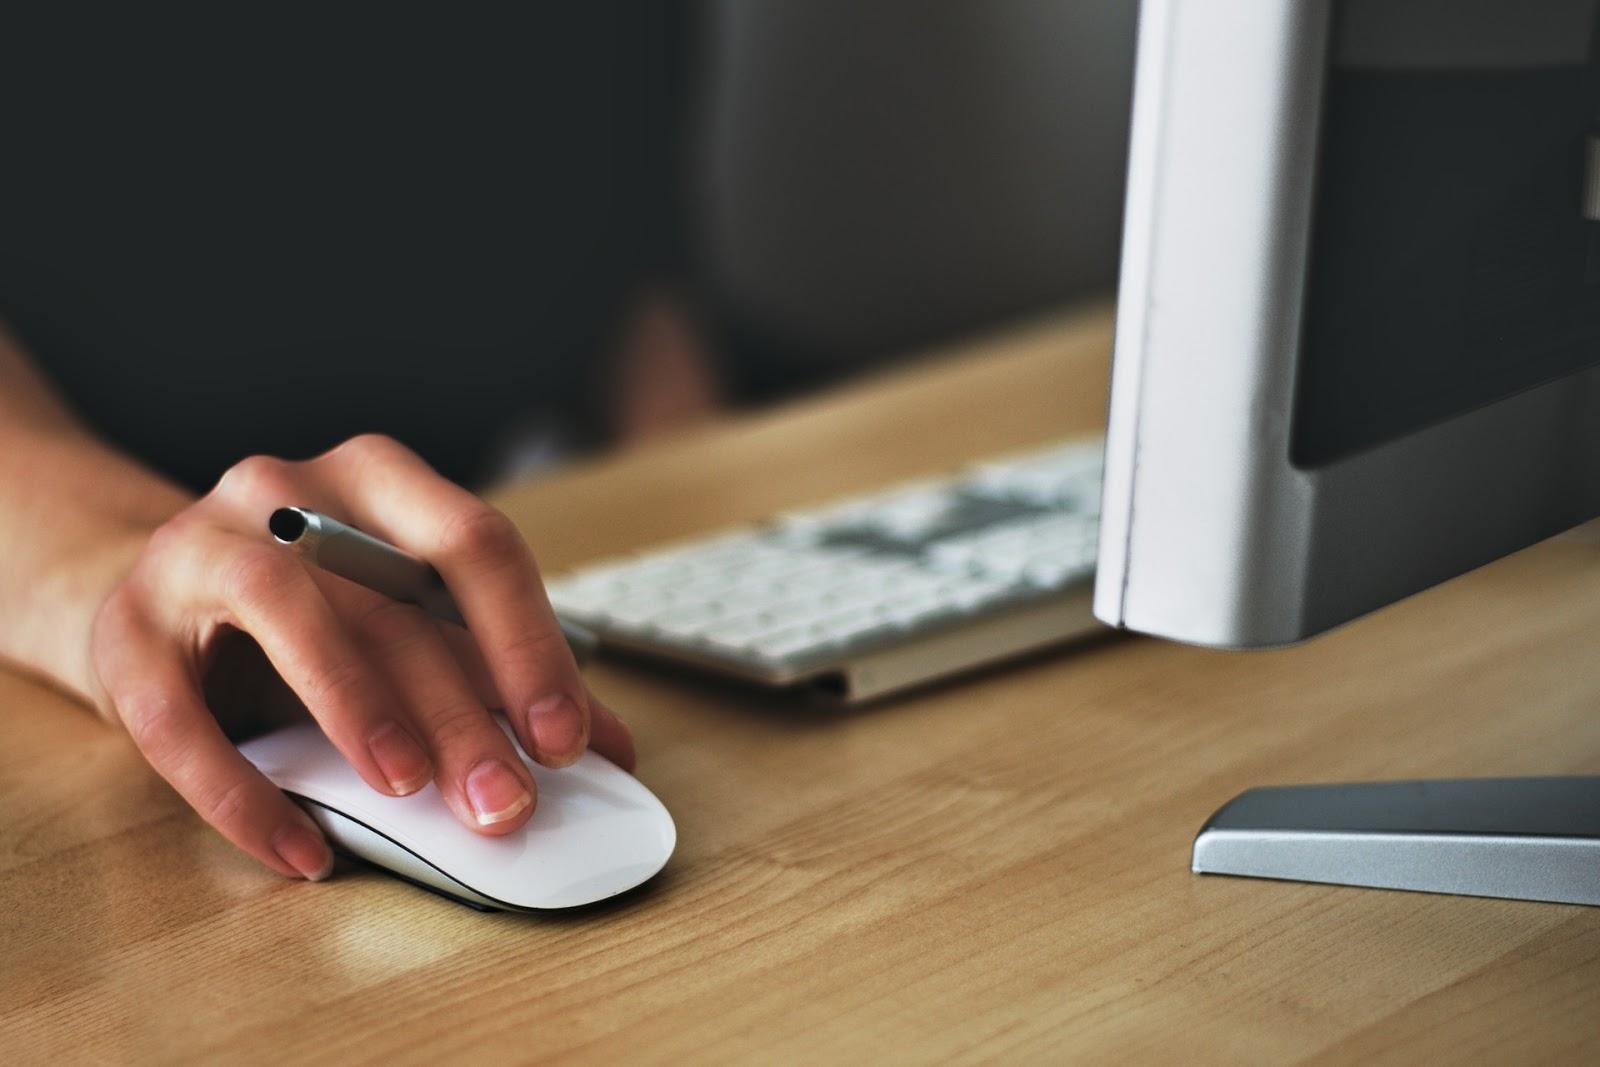 dipendenti sempre più attivi online